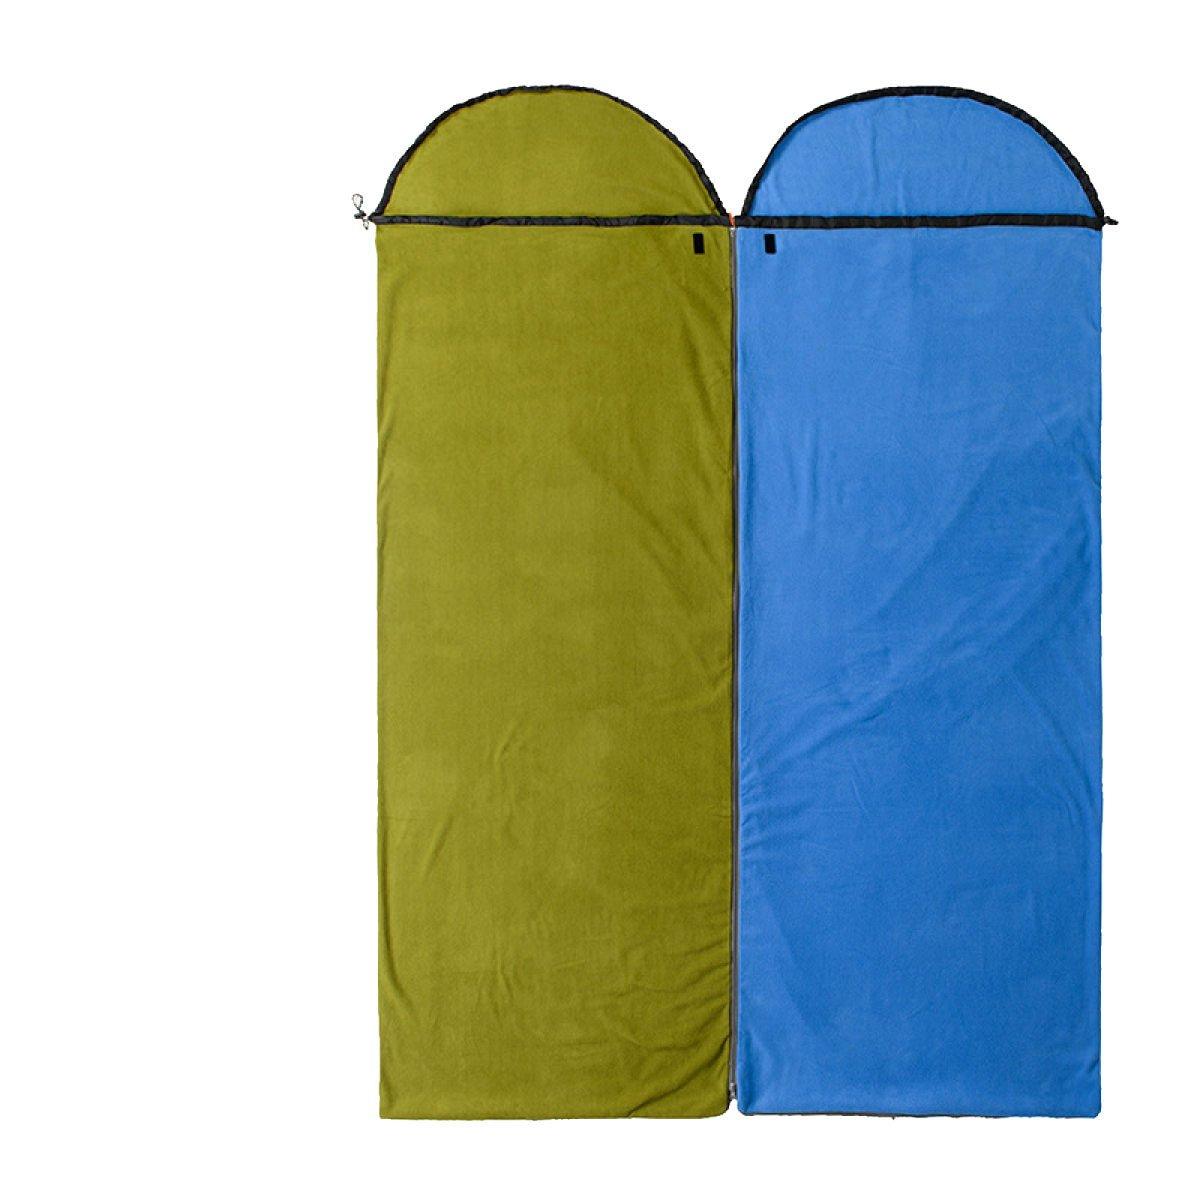 S Forro Polar Sacos De Dormir Camping Al Aire Libre Para Adultos Senderismo Aire Acondicionado Interior Fue Cuatro Estaciones Del Hotel Saco De Dormir De ...